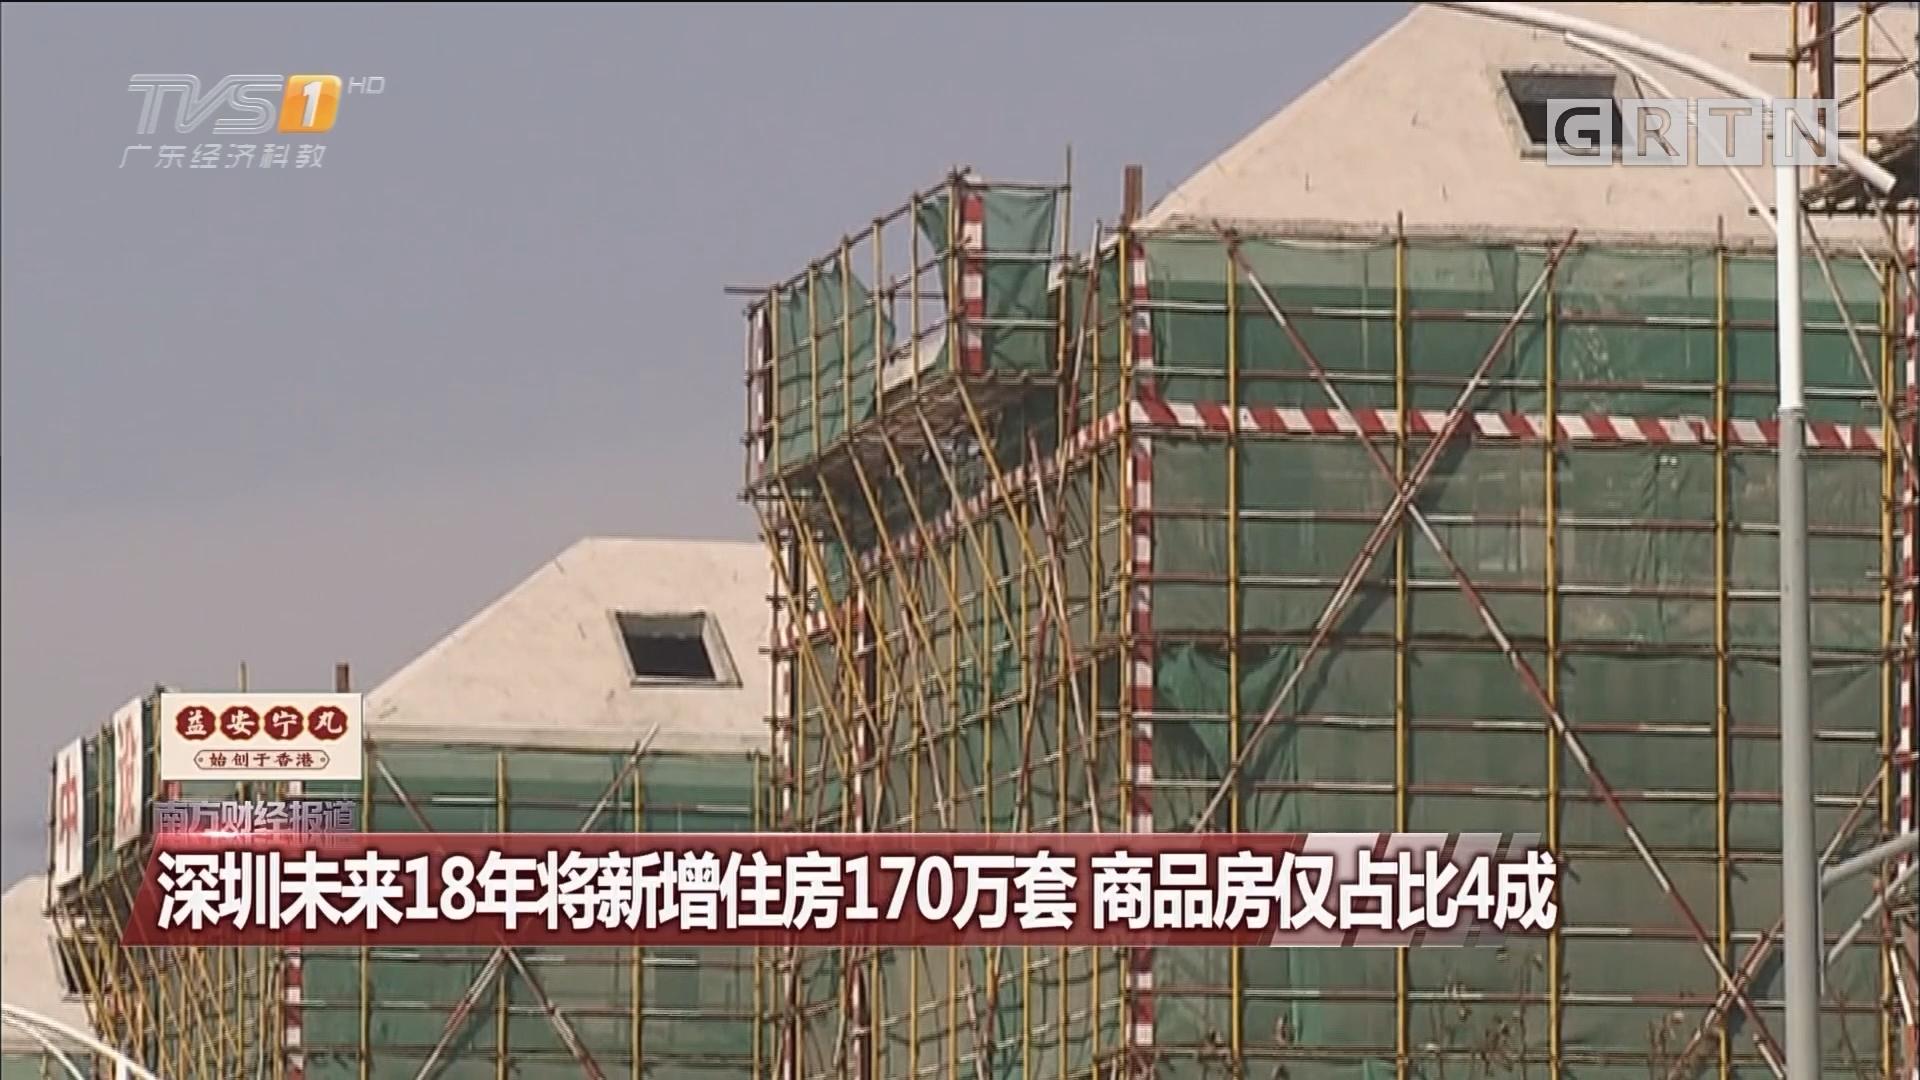 深圳未来18年将新增住房170万套 商品房仅占比4成